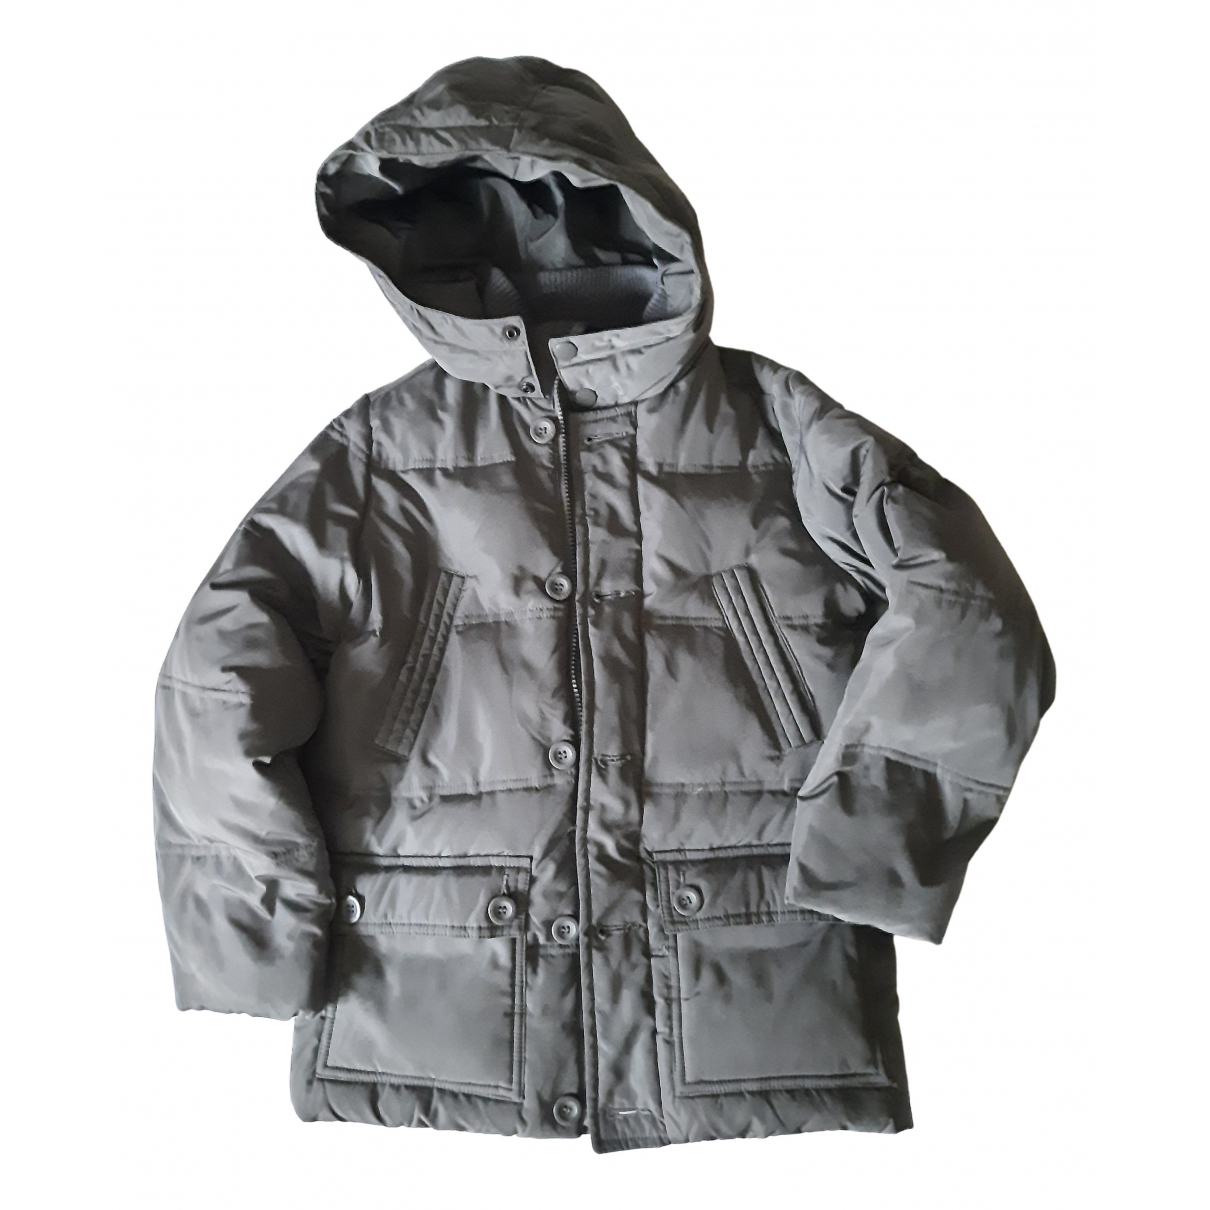 Benetton - Blousons.Manteaux   pour enfant - anthracite